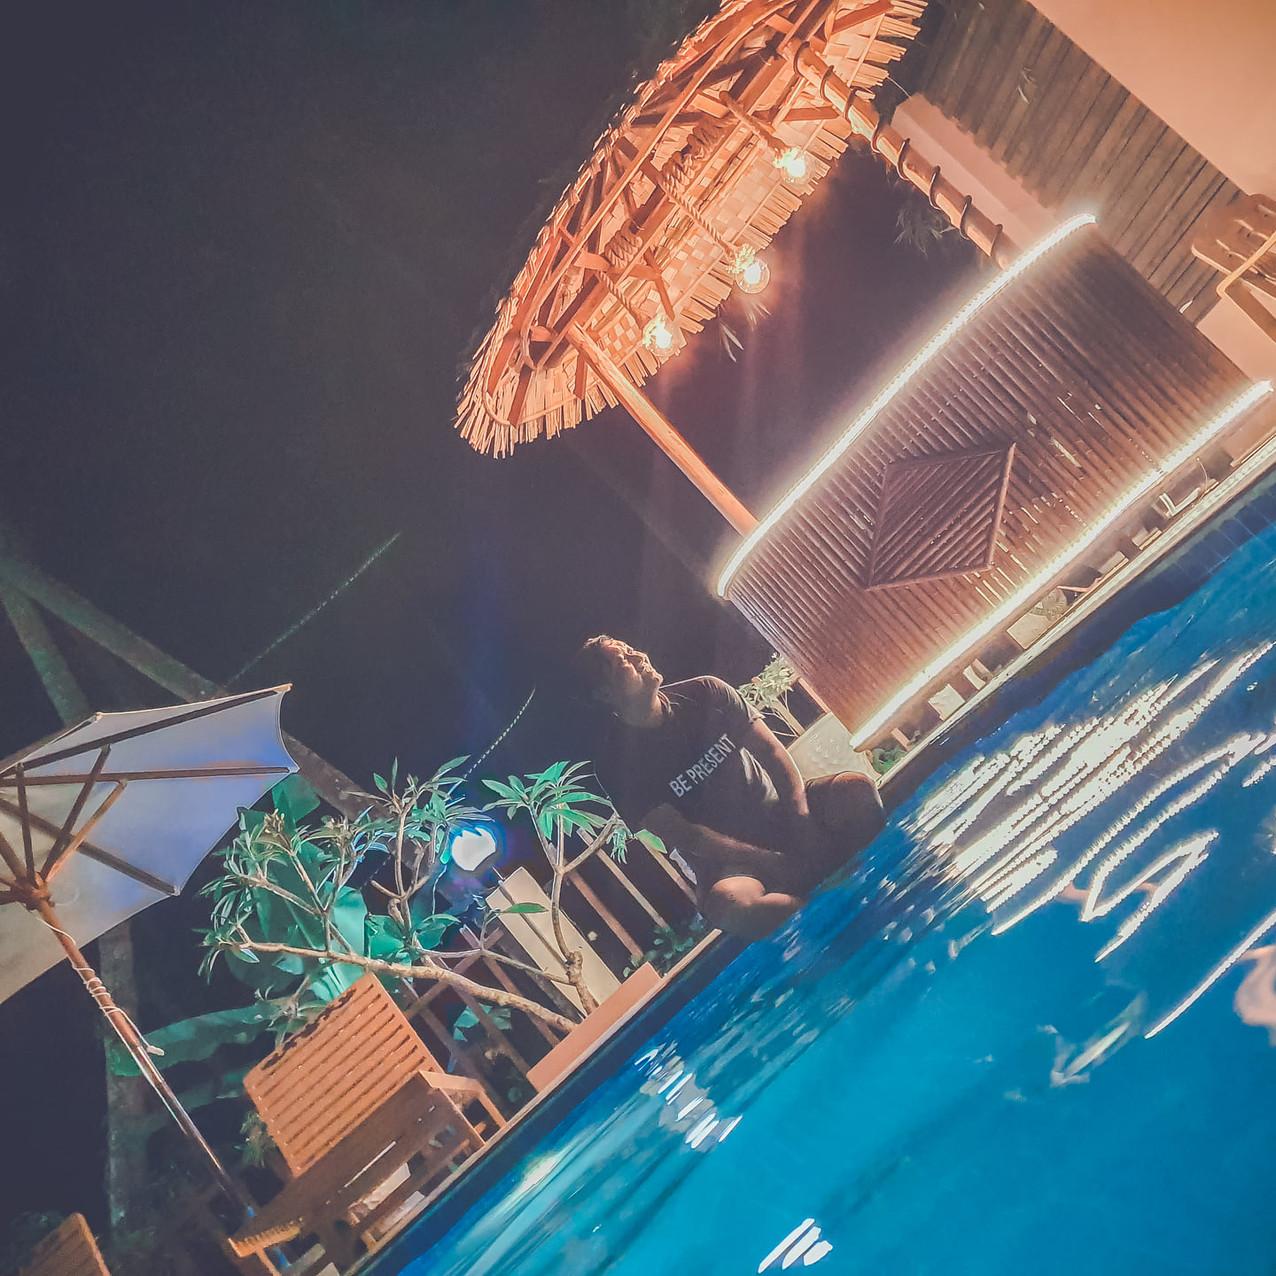 ဟိုတယ် ရွှေသောင်ယံ က ရေကူးကန်